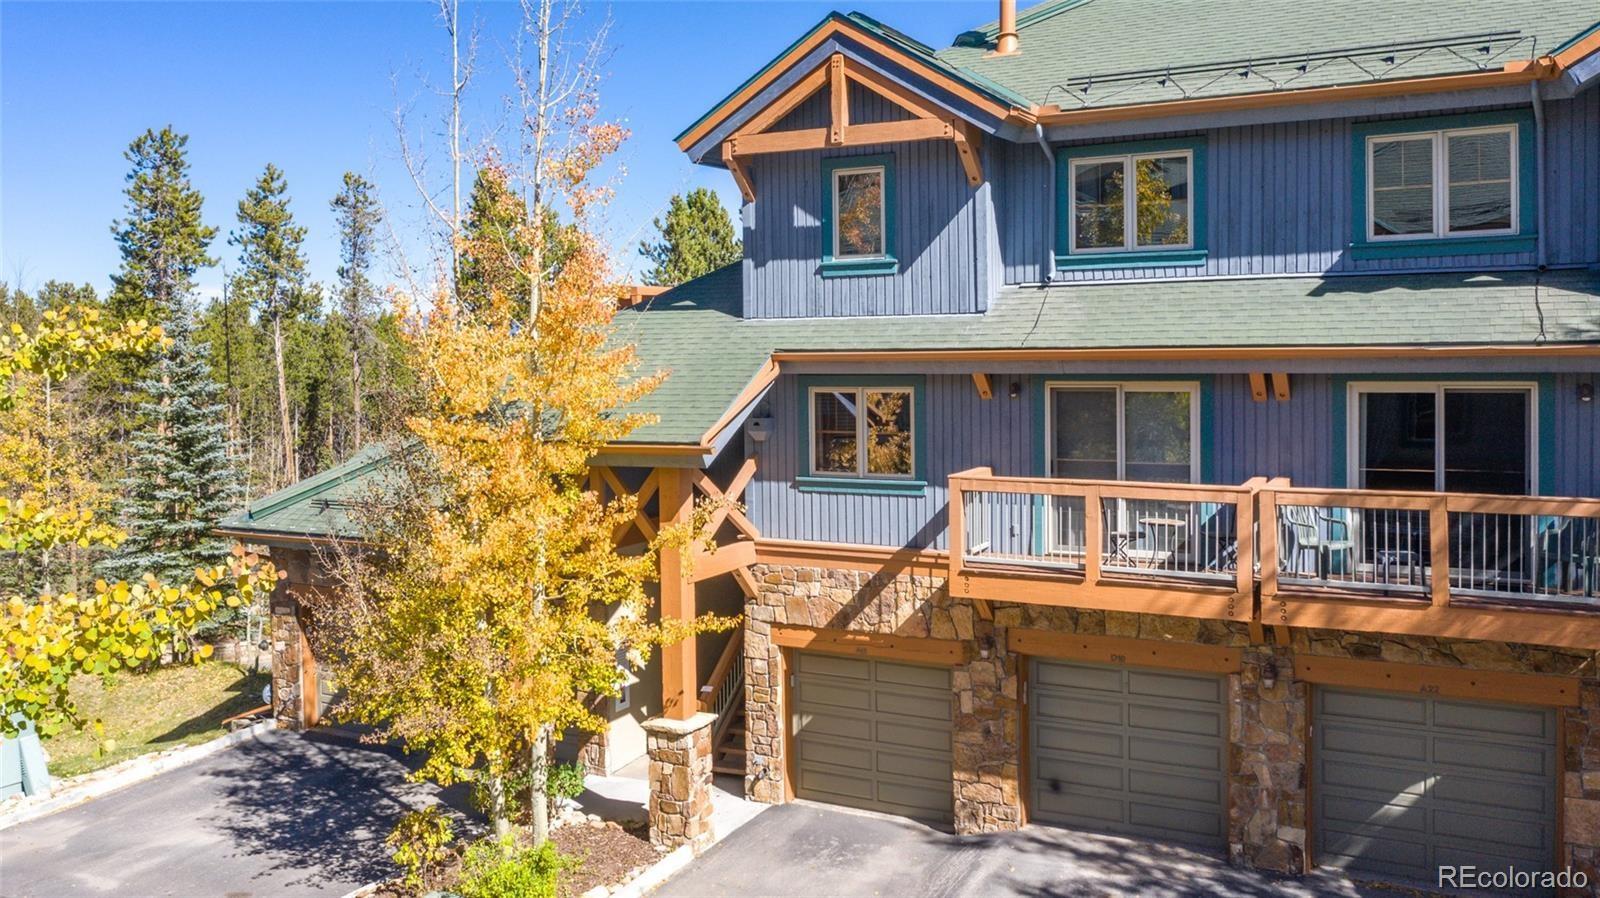 MLS# 9092474 - 38 - 43 Snowflake Drive #A-12, Breckenridge, CO 80424